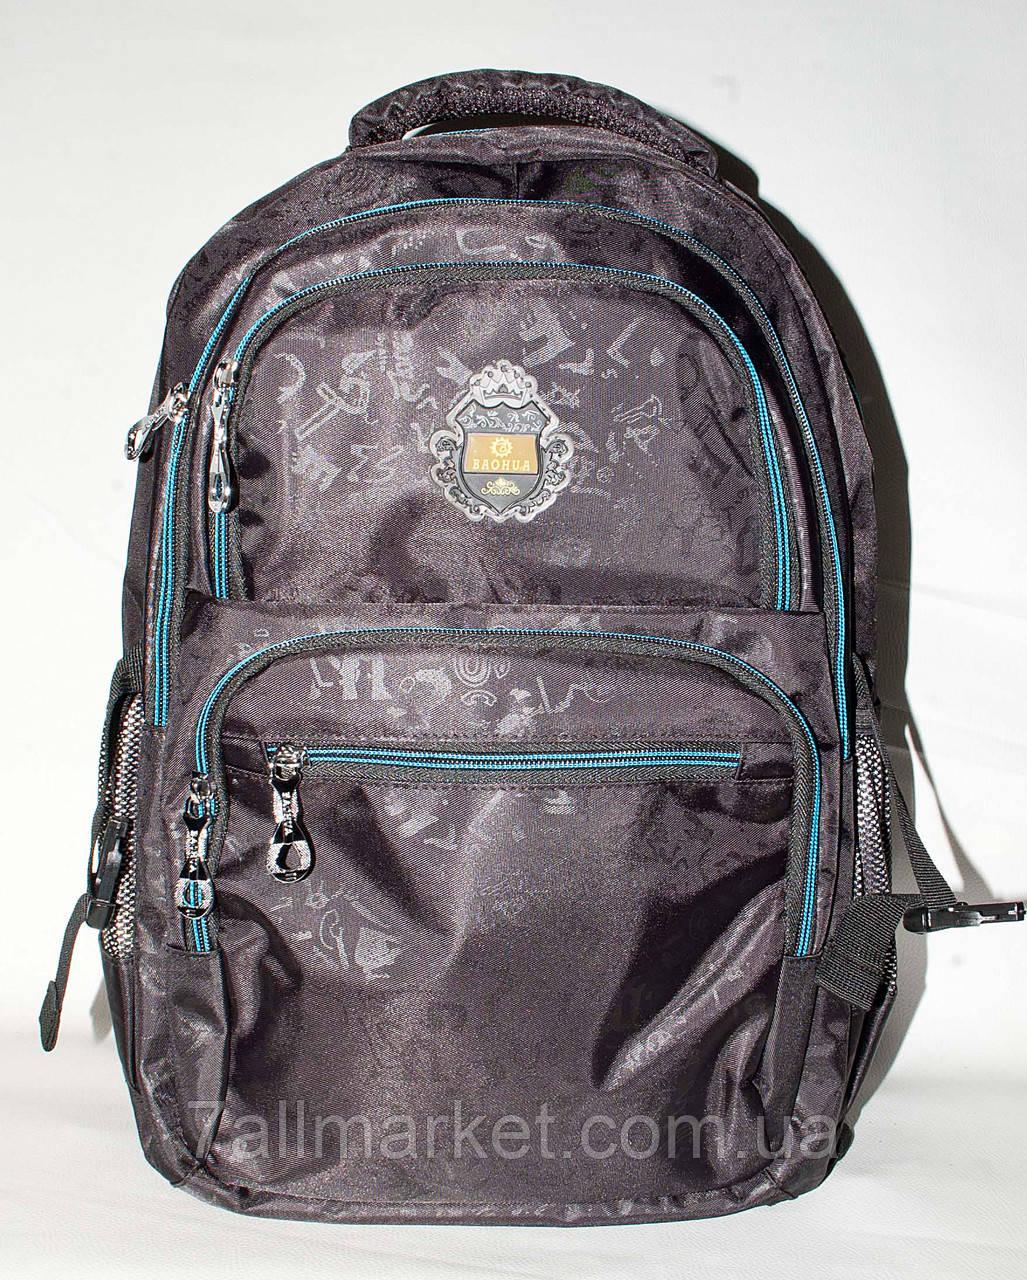 5a257ecc2969 Рюкзак мужской спортивный текстильный размер 30*50 (2 цвета) Серии